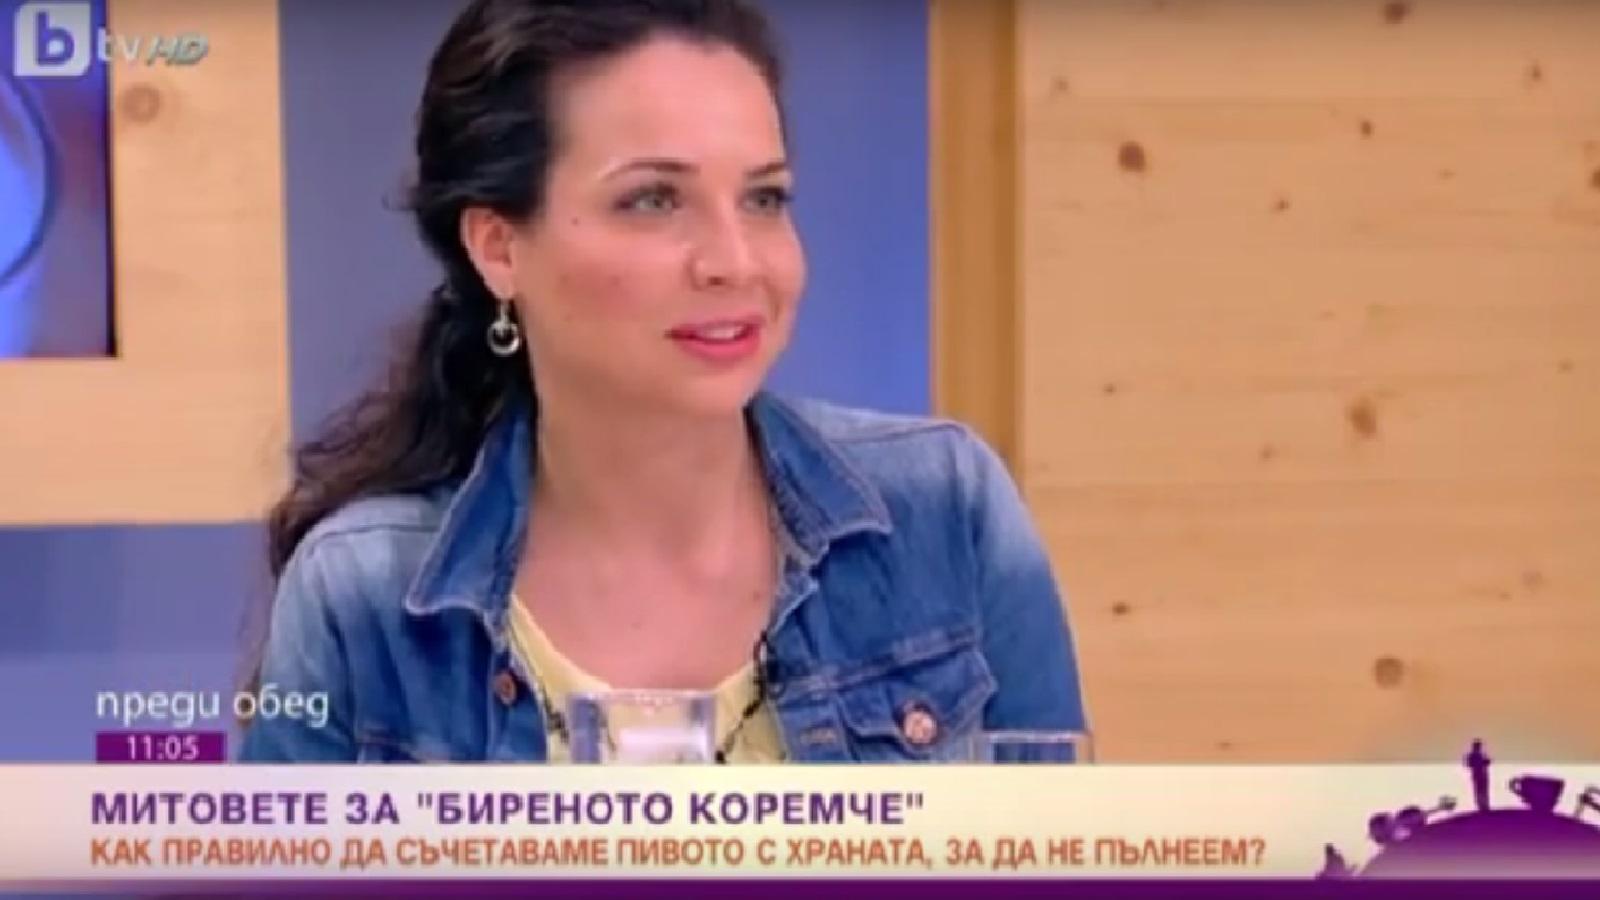 """Митовете за """"биреното коремче"""" – bTV """"Преди обед"""", 30.05.2016"""